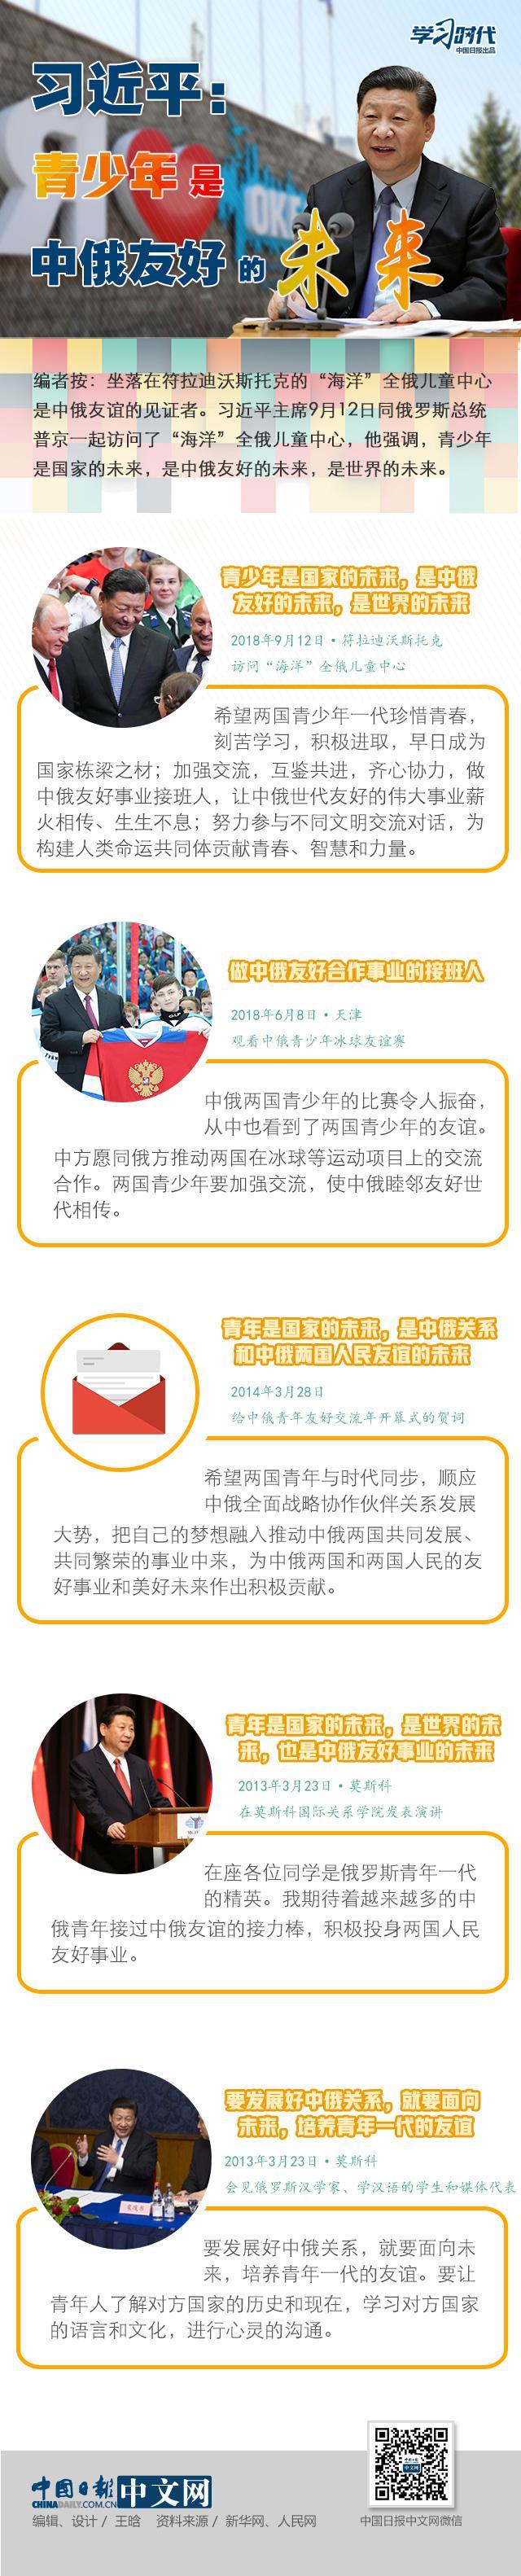 习近平:青少年是中俄友好的未来